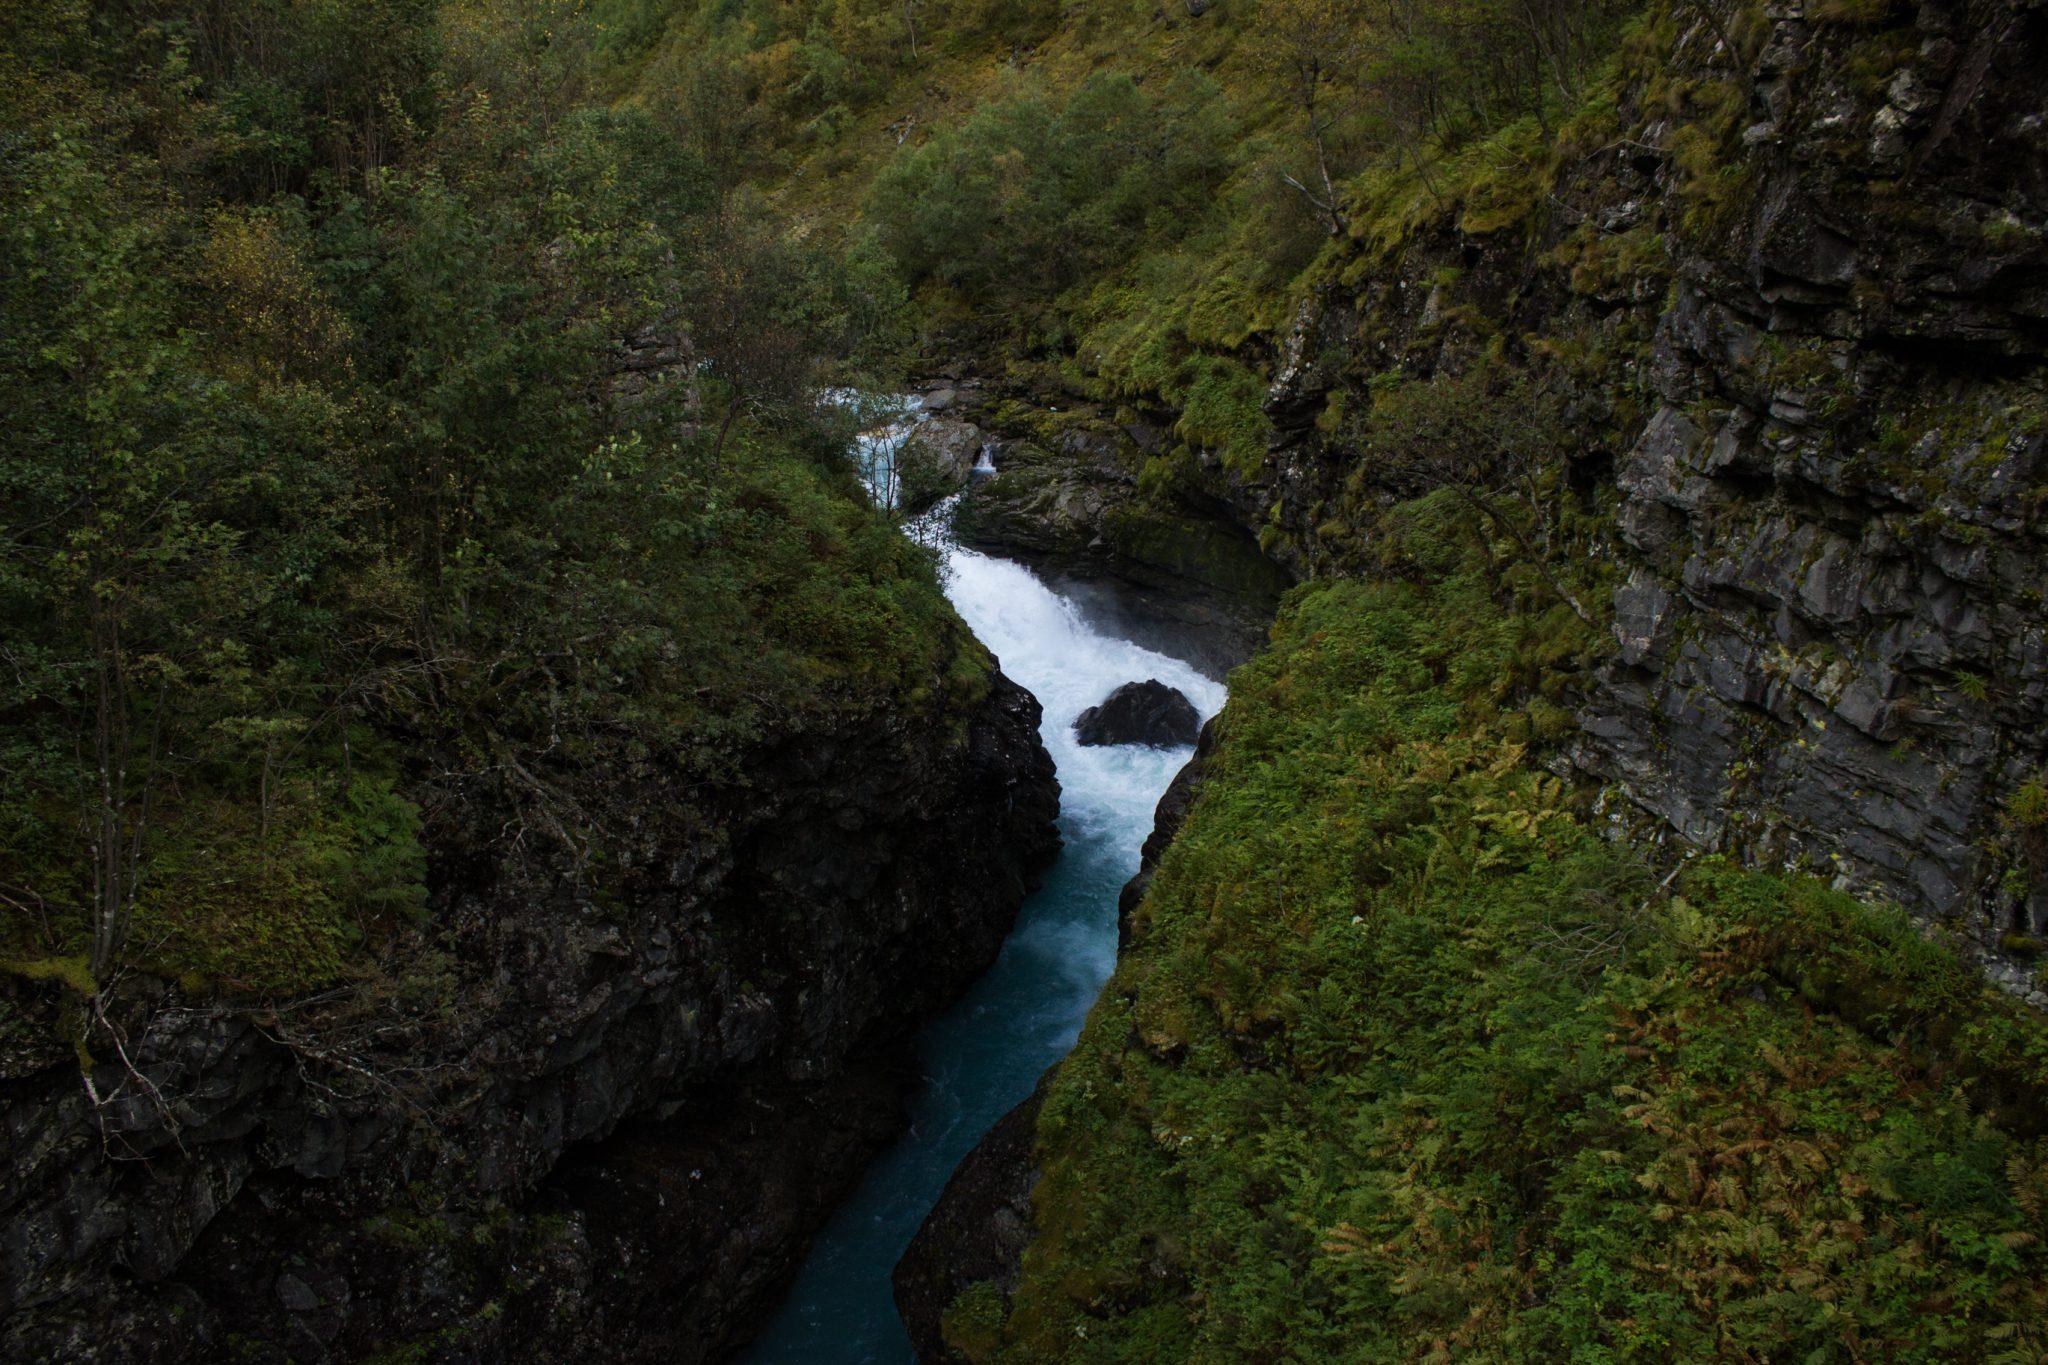 Wanderung zum Vettisfossen Wasserfall, höchster unregulierter Wasserfall in Norwegen, Blick von Brücke auf sehr klares Wasser im Fluß und schönen Wald